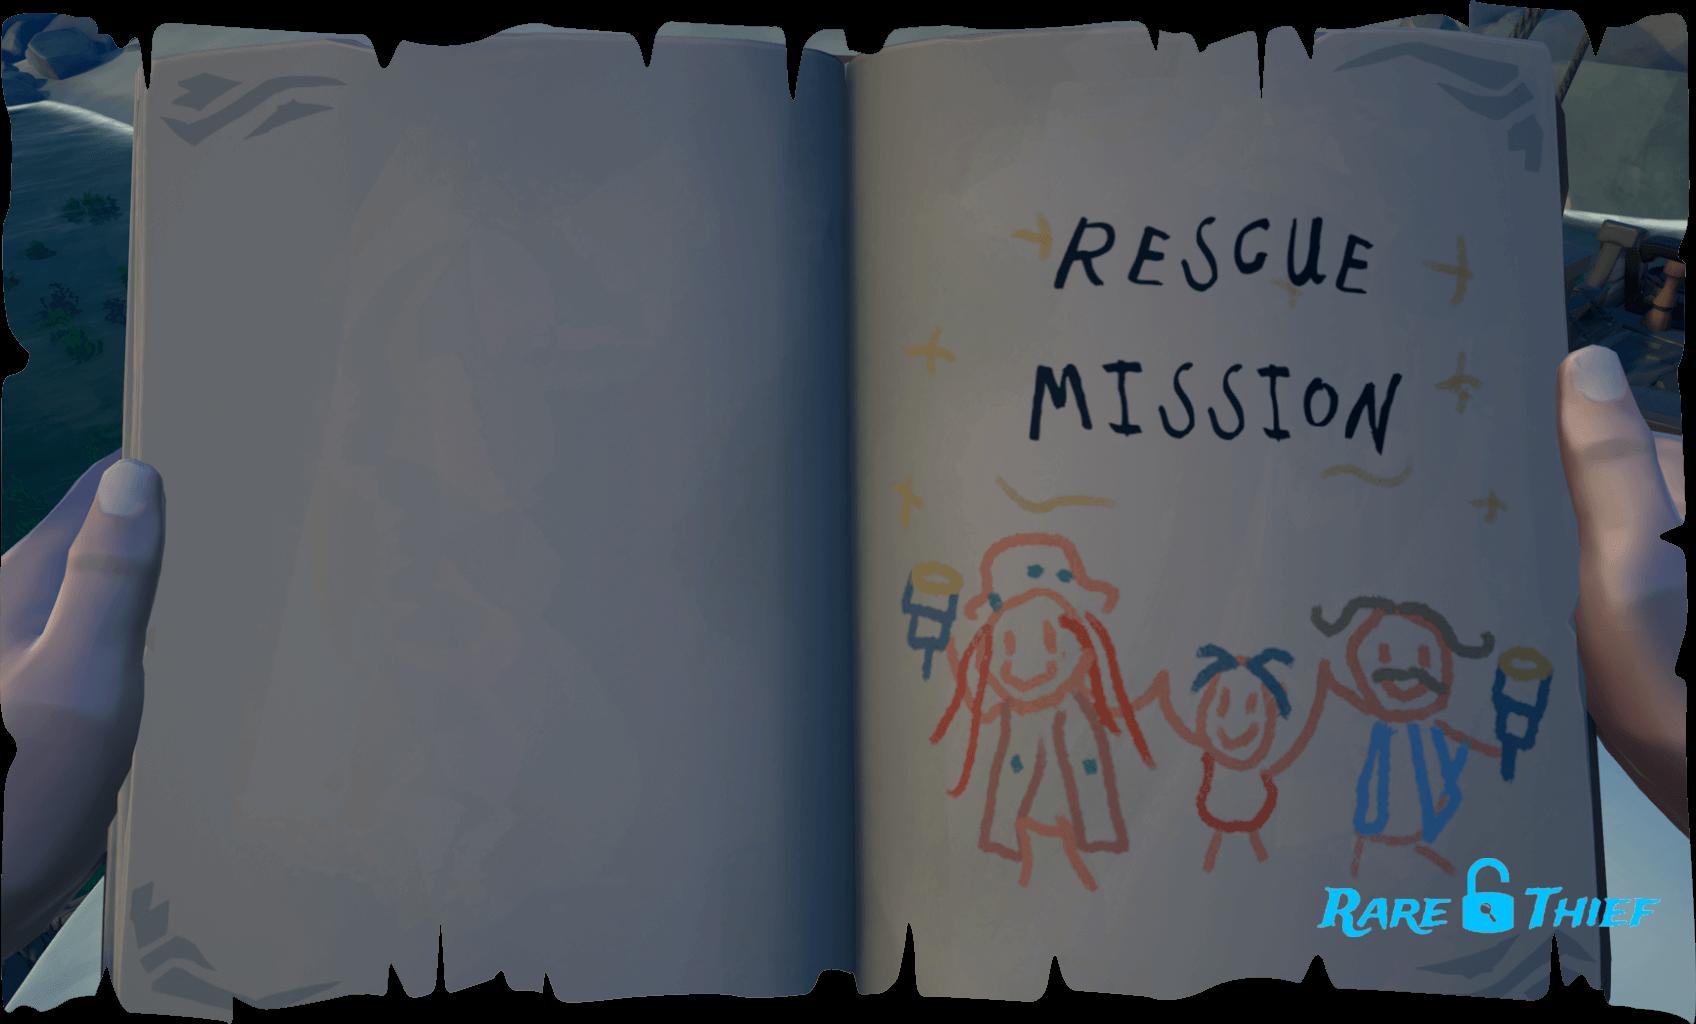 Legendary Storyteller Rescue Mission